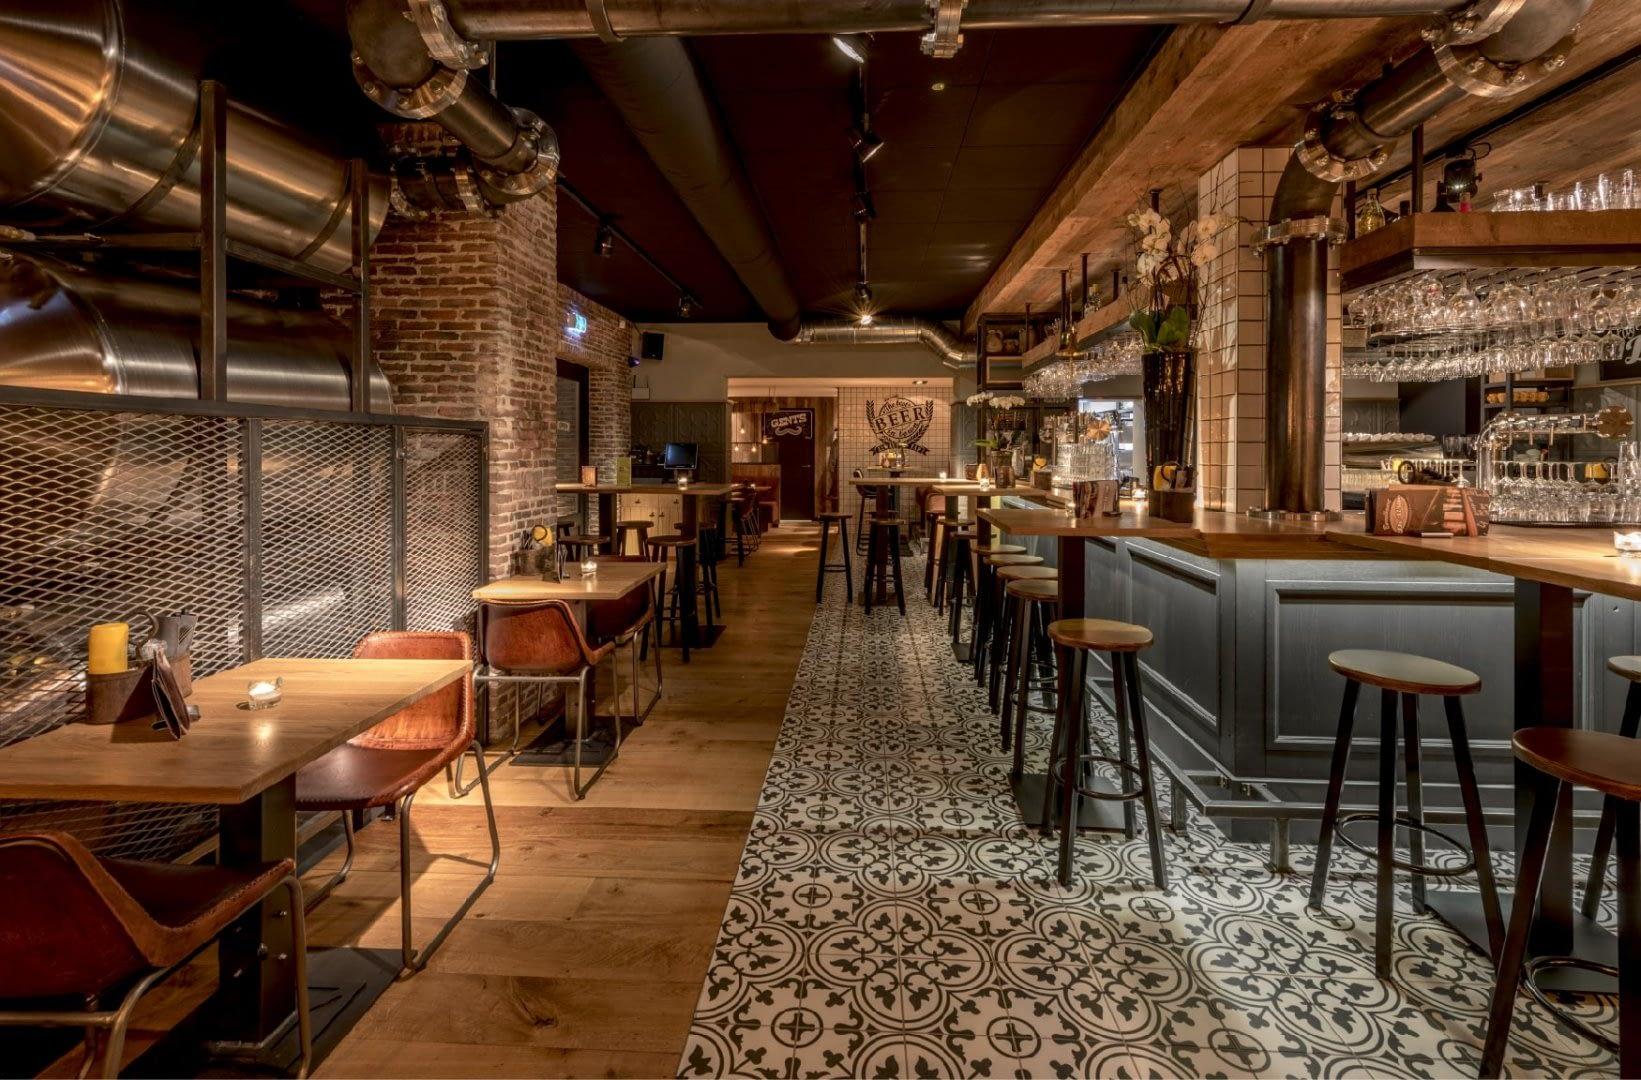 leeg interieur van eetcafé de Witte in de Lier met mozaiekvloer en bar en tafels